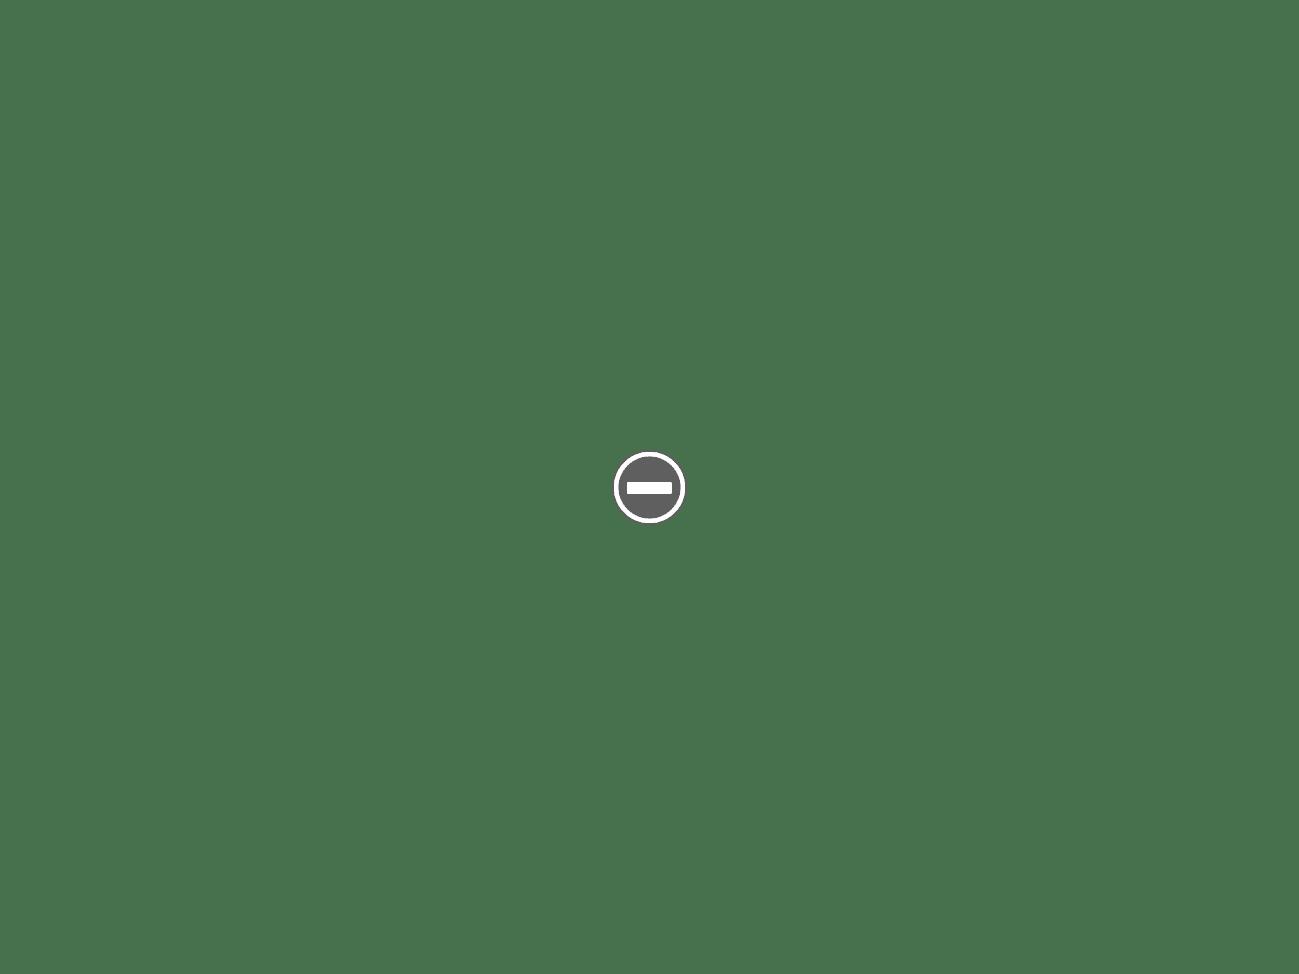 Egerszeghegyi kápolna